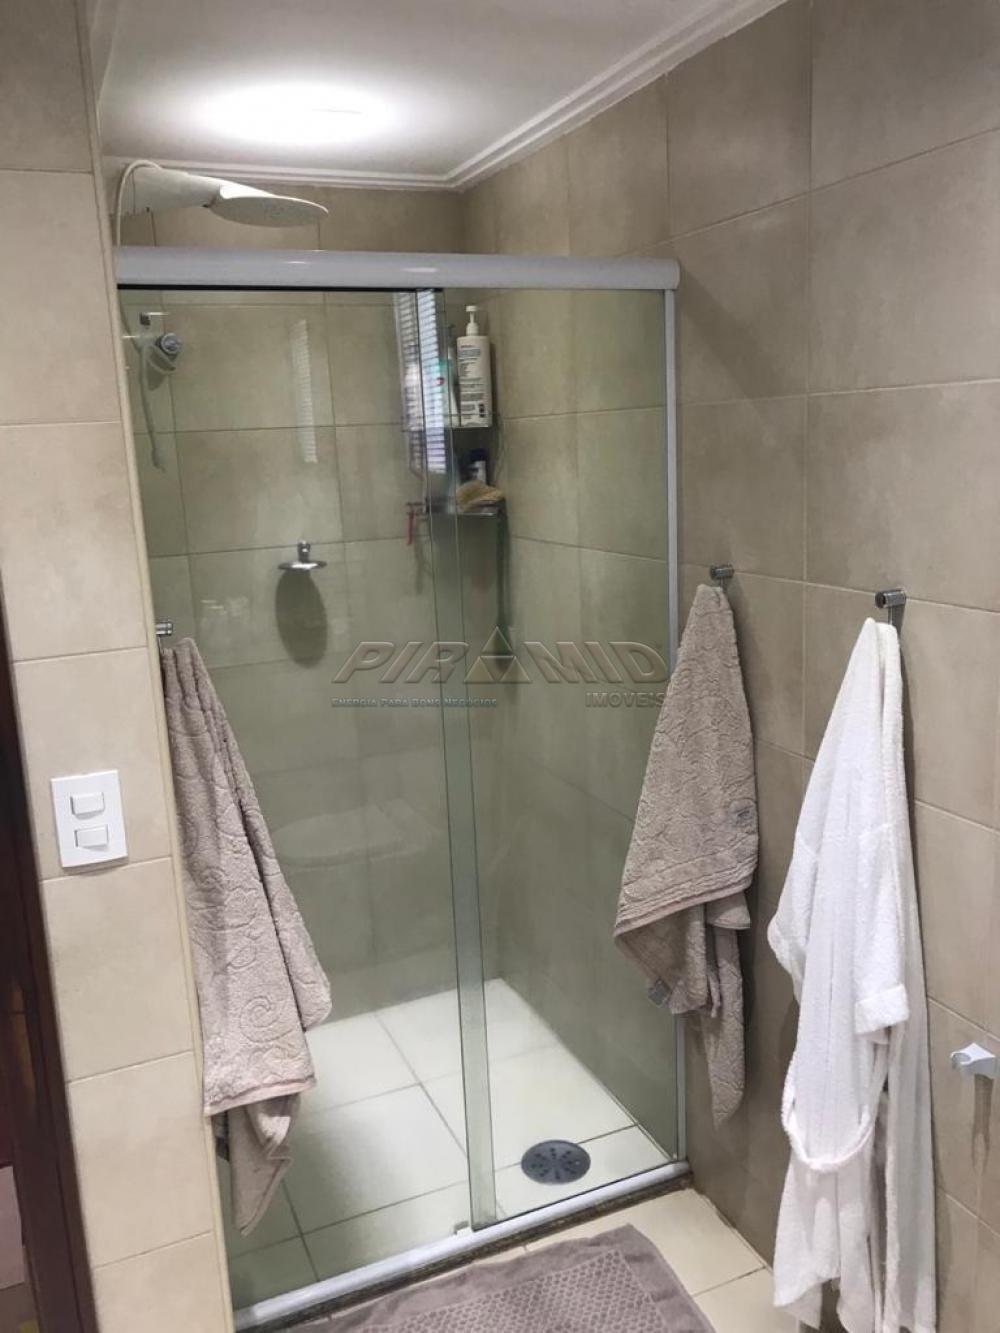 Comprar Apartamento / Padrão em Ribeirão Preto apenas R$ 550.000,00 - Foto 10